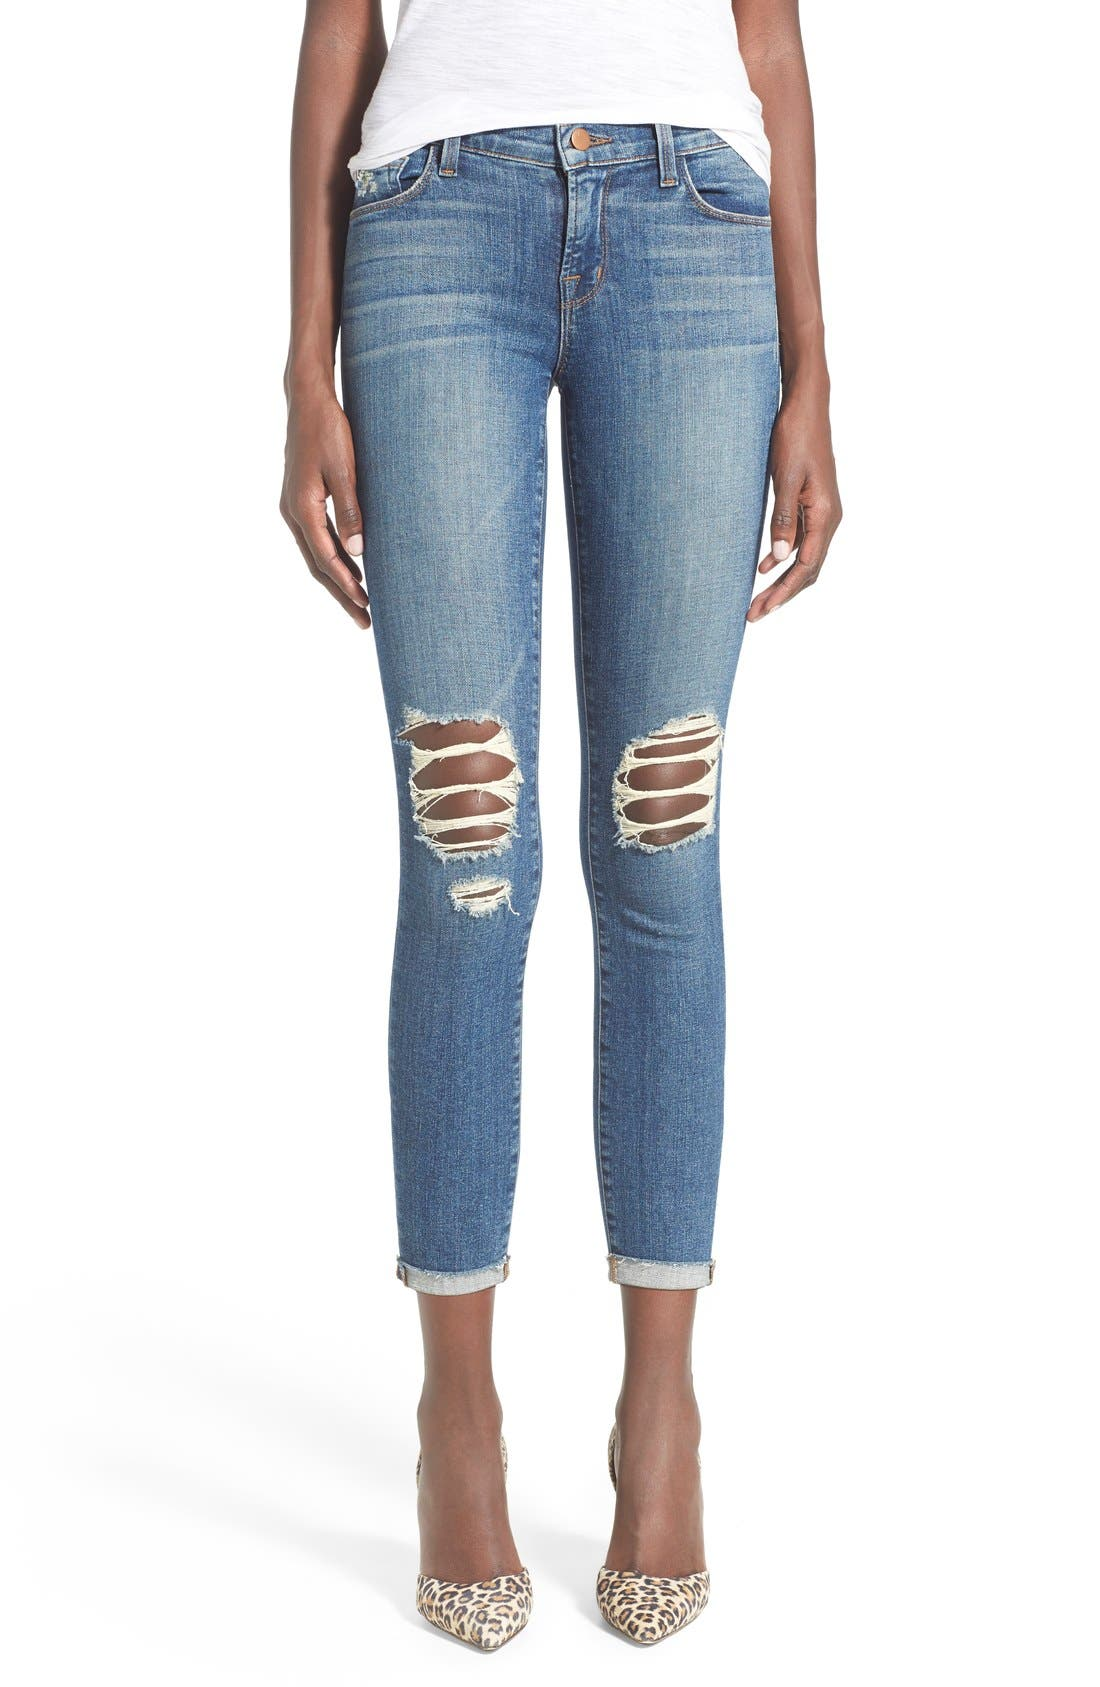 Alternate Image 1 Selected - J Brand Destroyed Skinny Capri Jeans (Breathless)